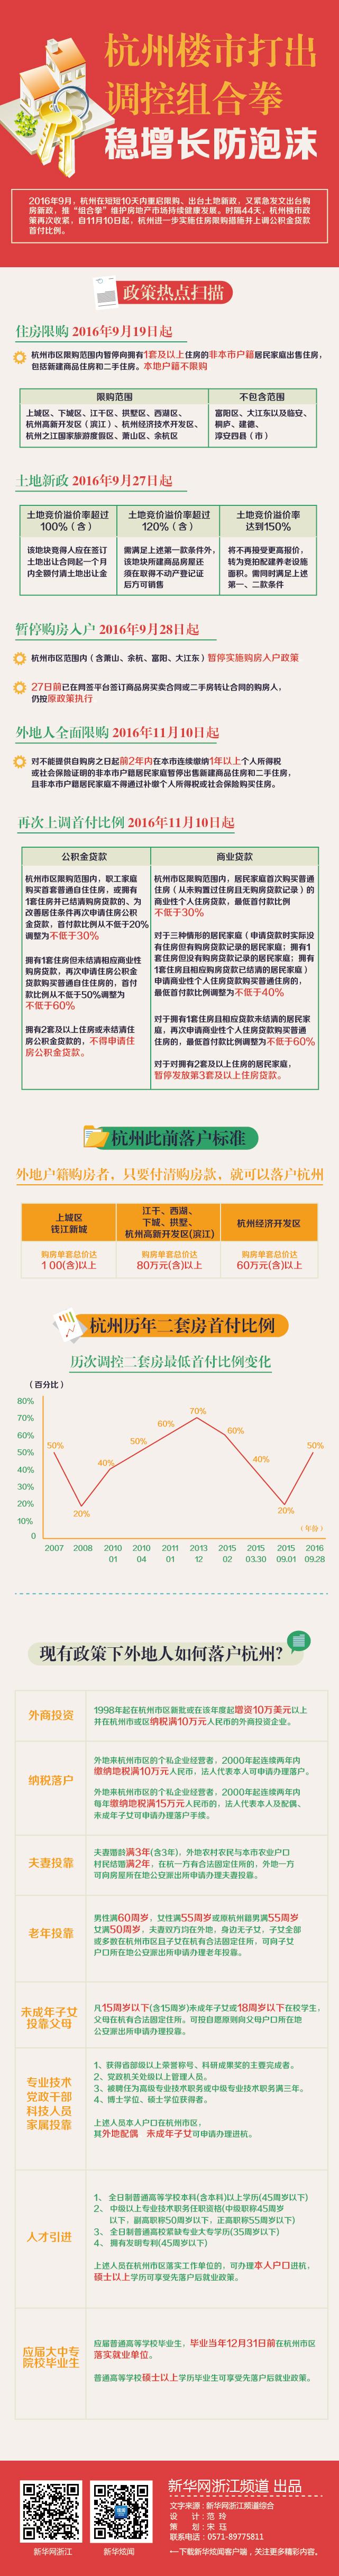 杭州楼市打出调控组合拳:稳增长防泡沫